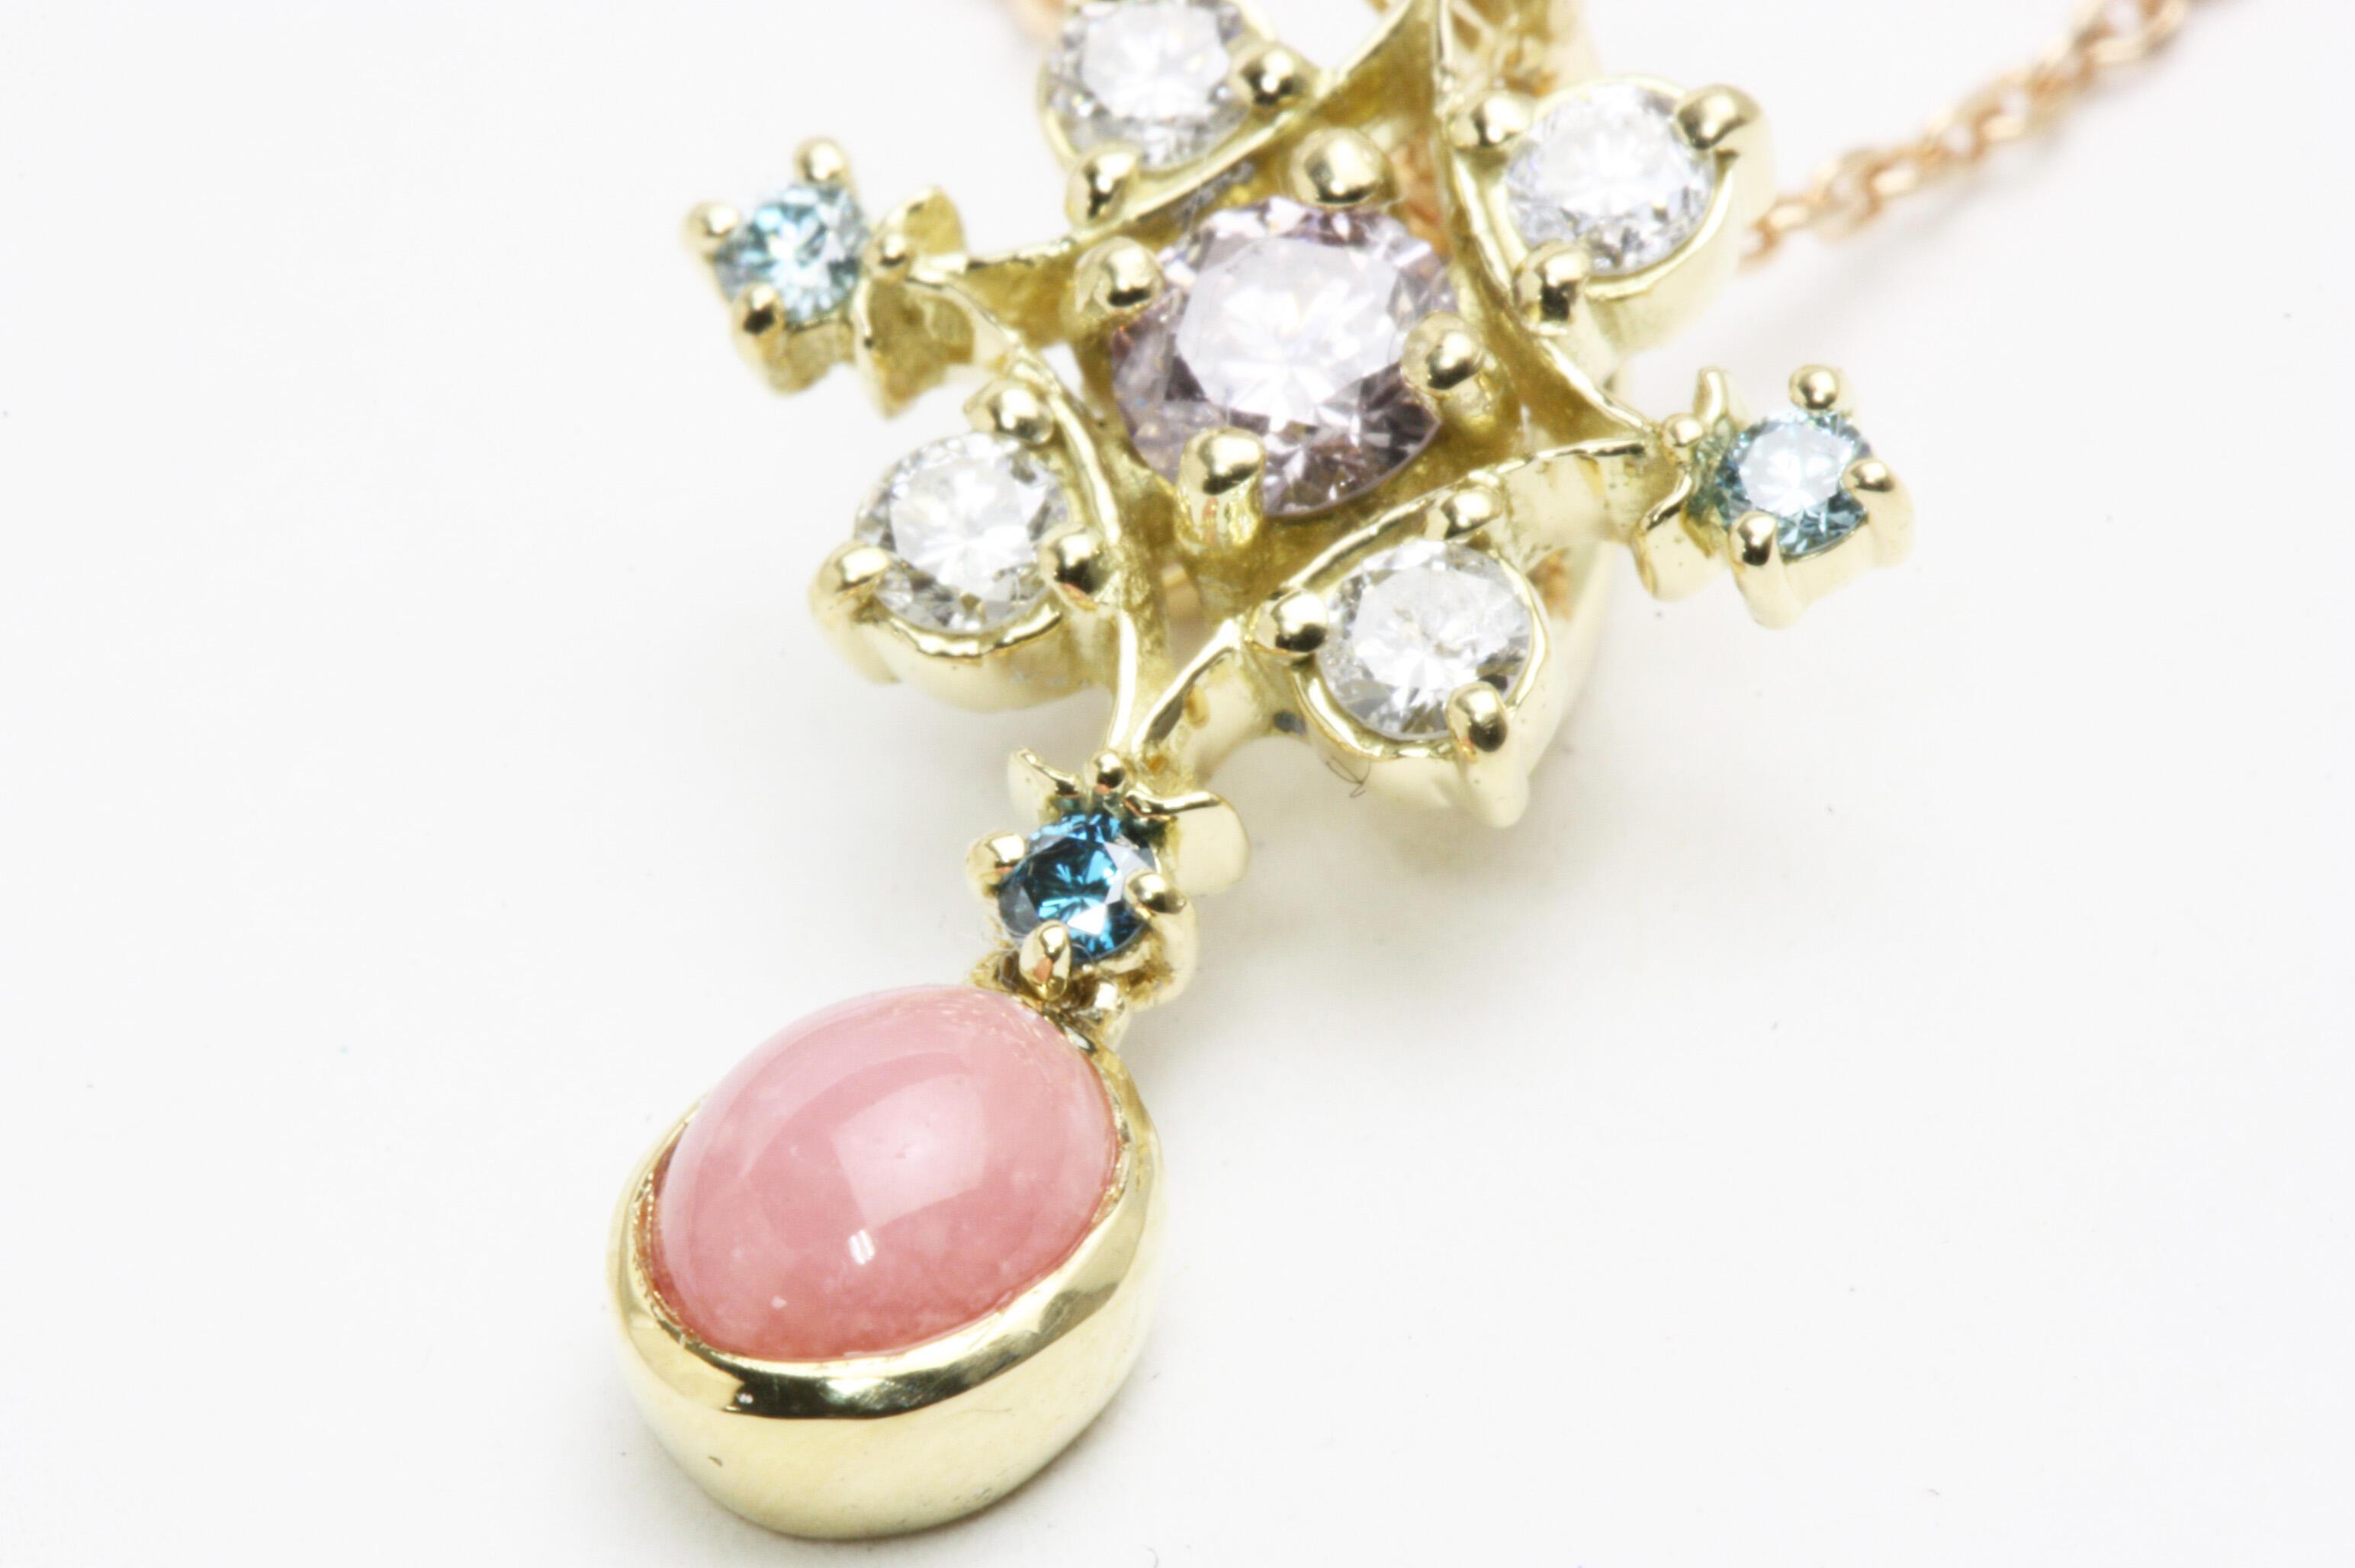 コンクパールとピンクダイヤモンドのペンダント